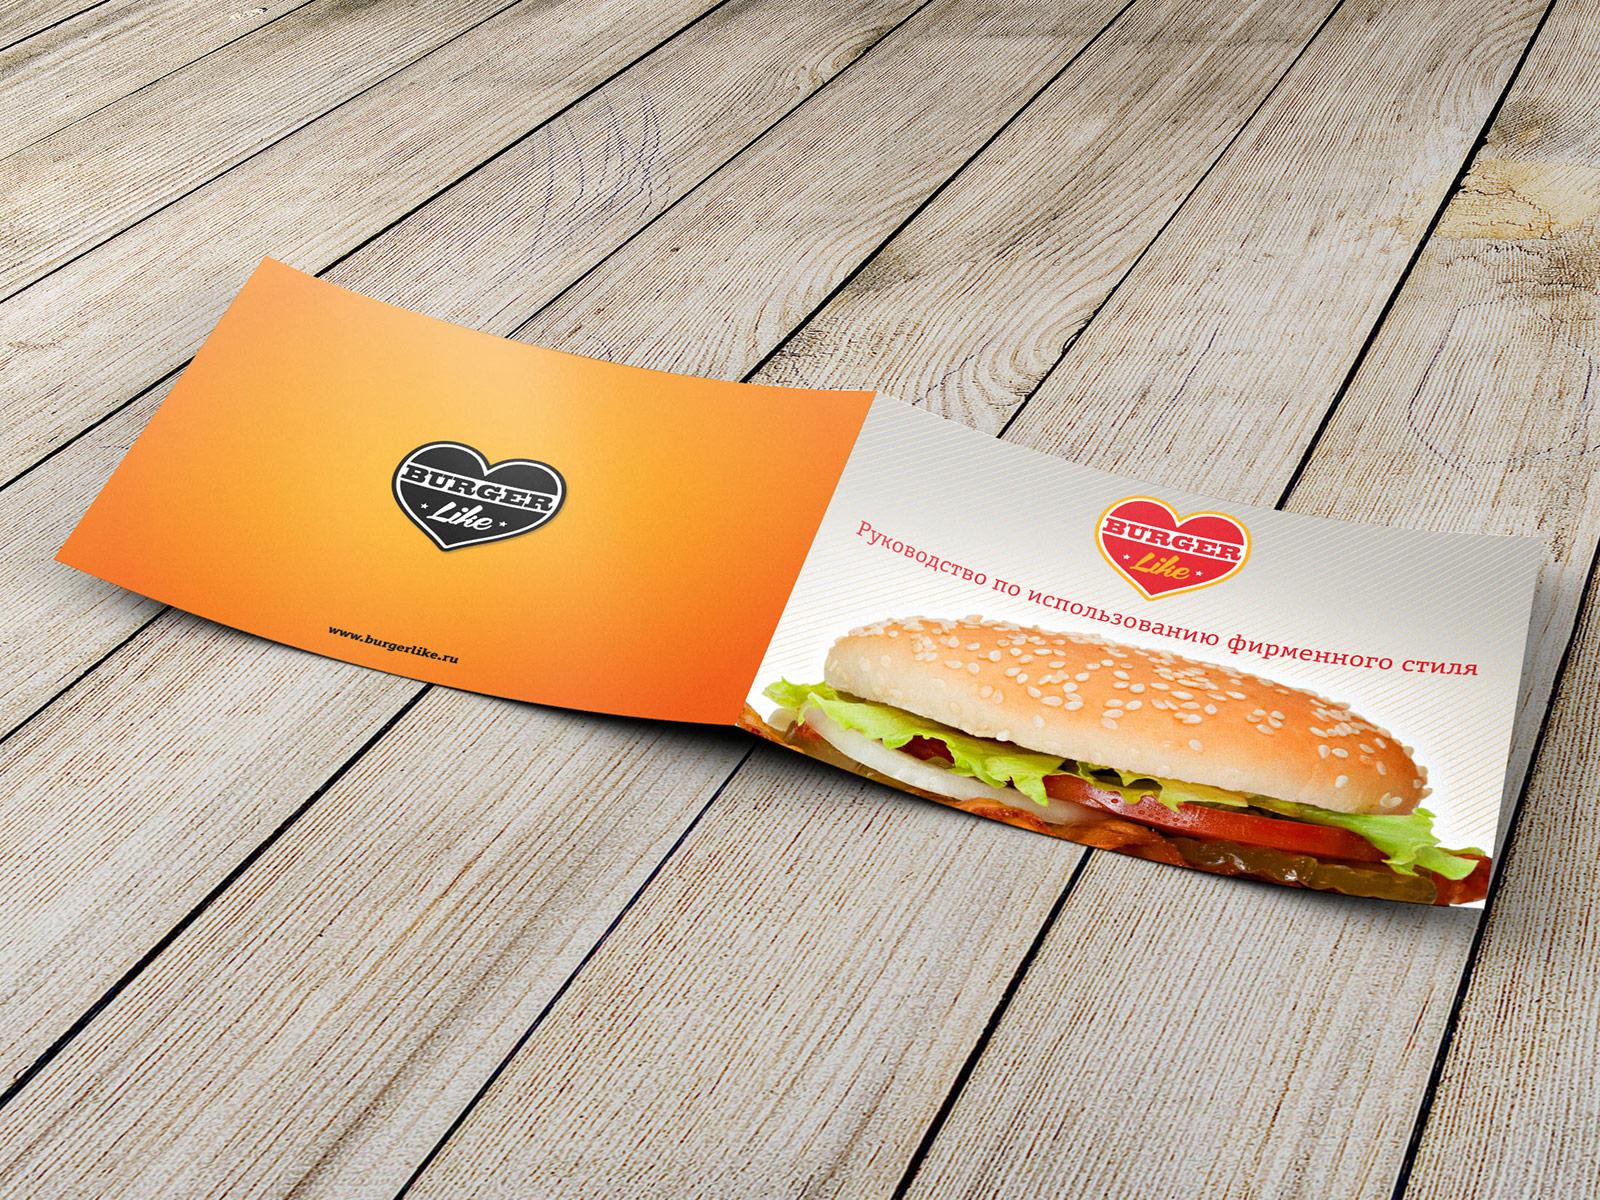 Фирменный стиль Burger Like